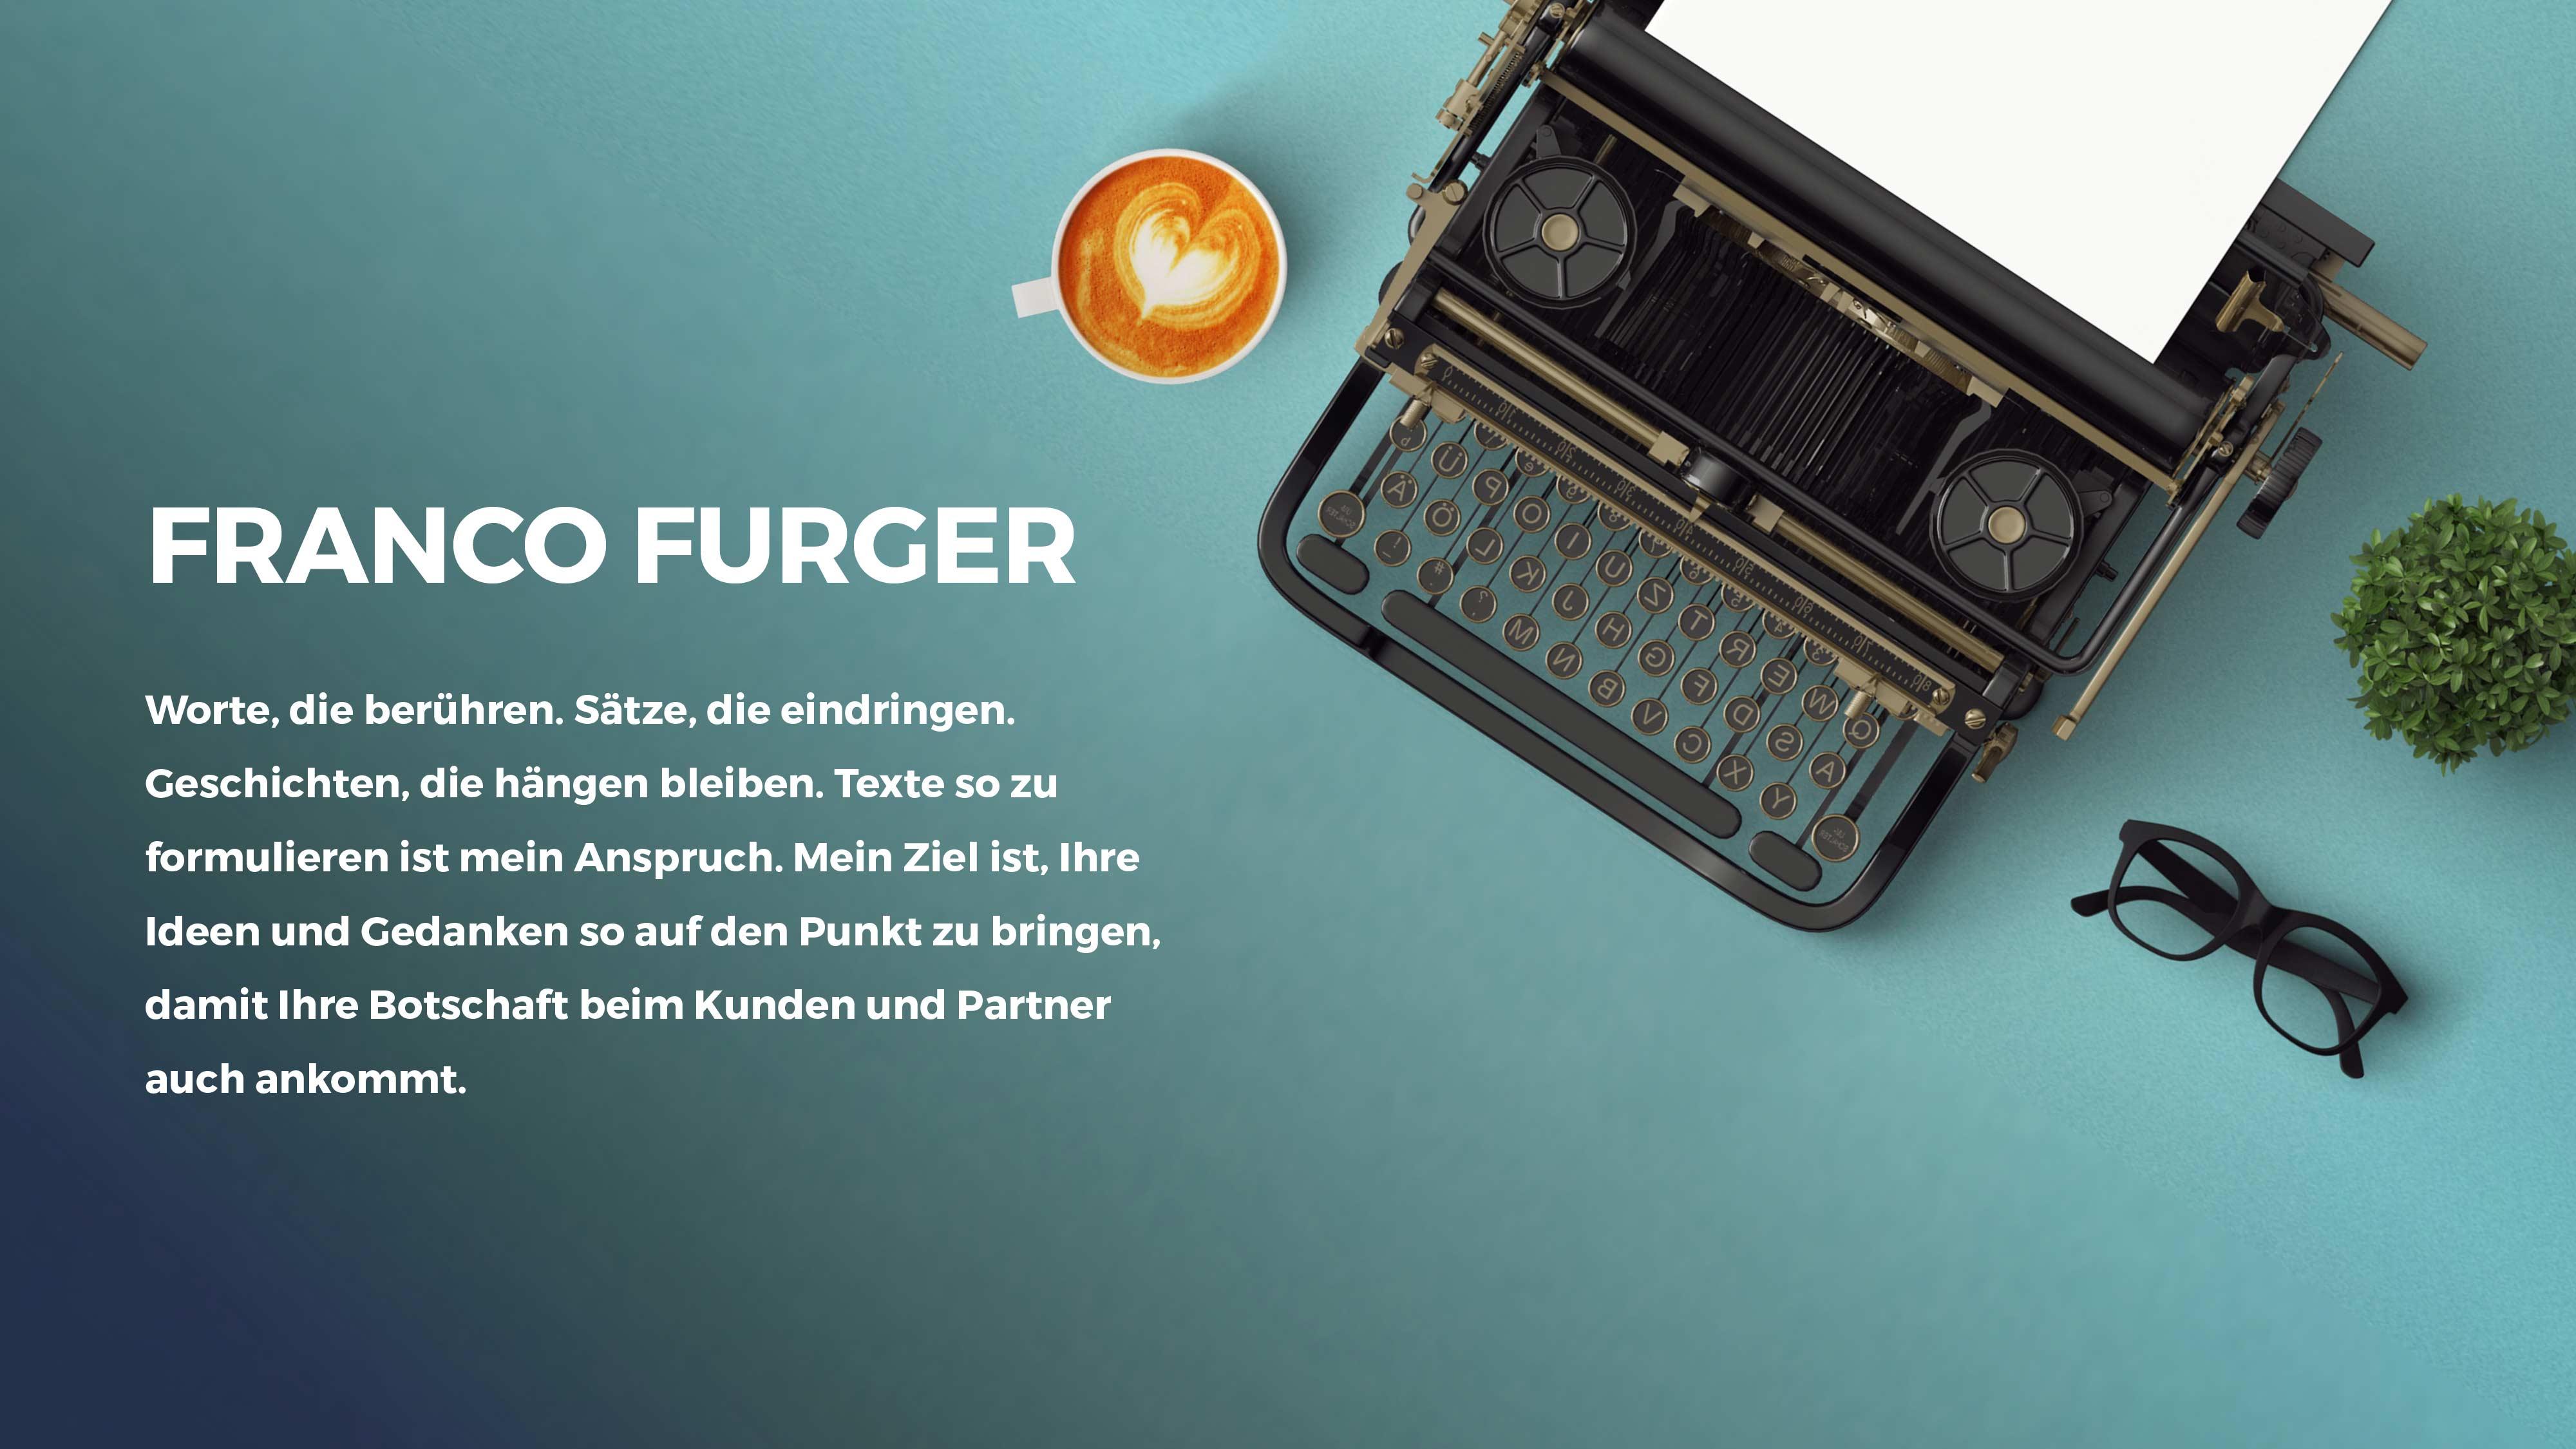 Franco Furger